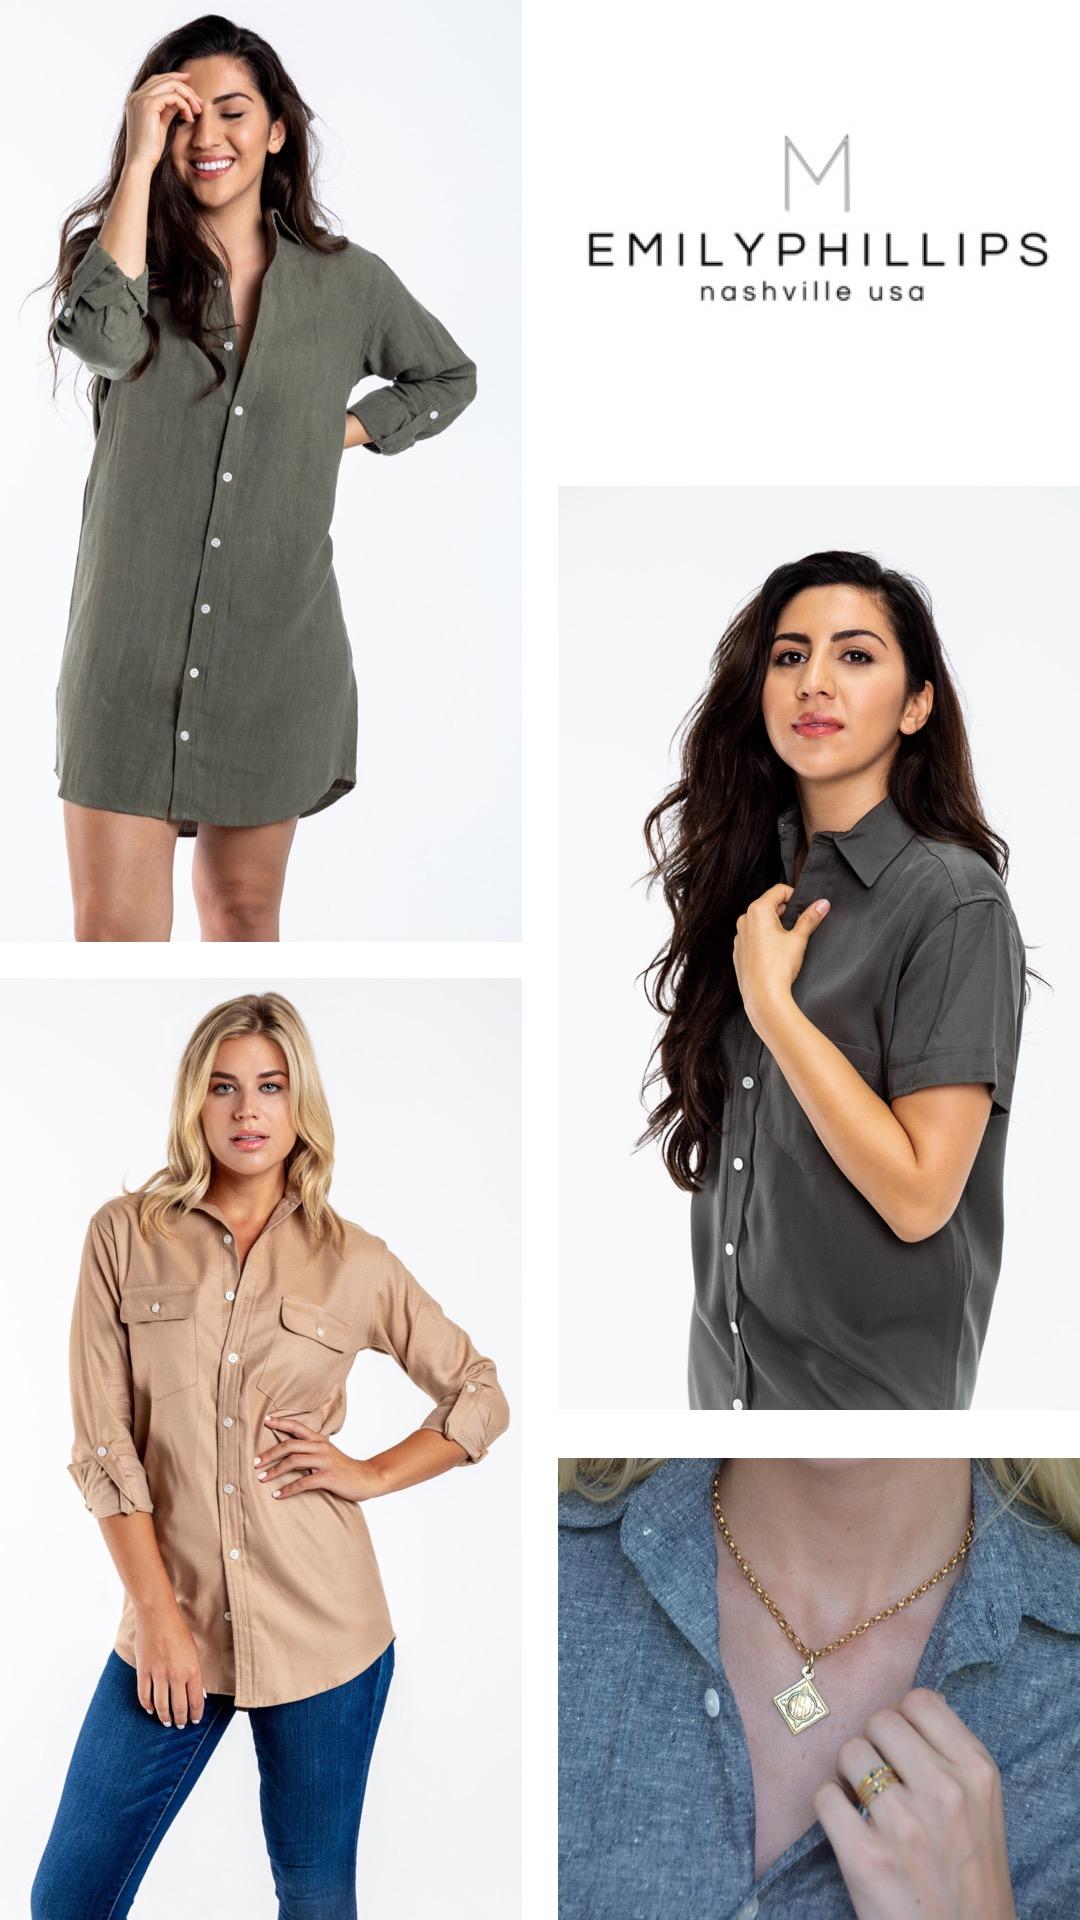 Top left: Olive Linen Girlfriend Shirt; Bottom left: Camel Girlfriend Shirt; Middle Right: Charcoal Girlfriend Dress; Bottom Right: Black Linen Girlfriend Dress